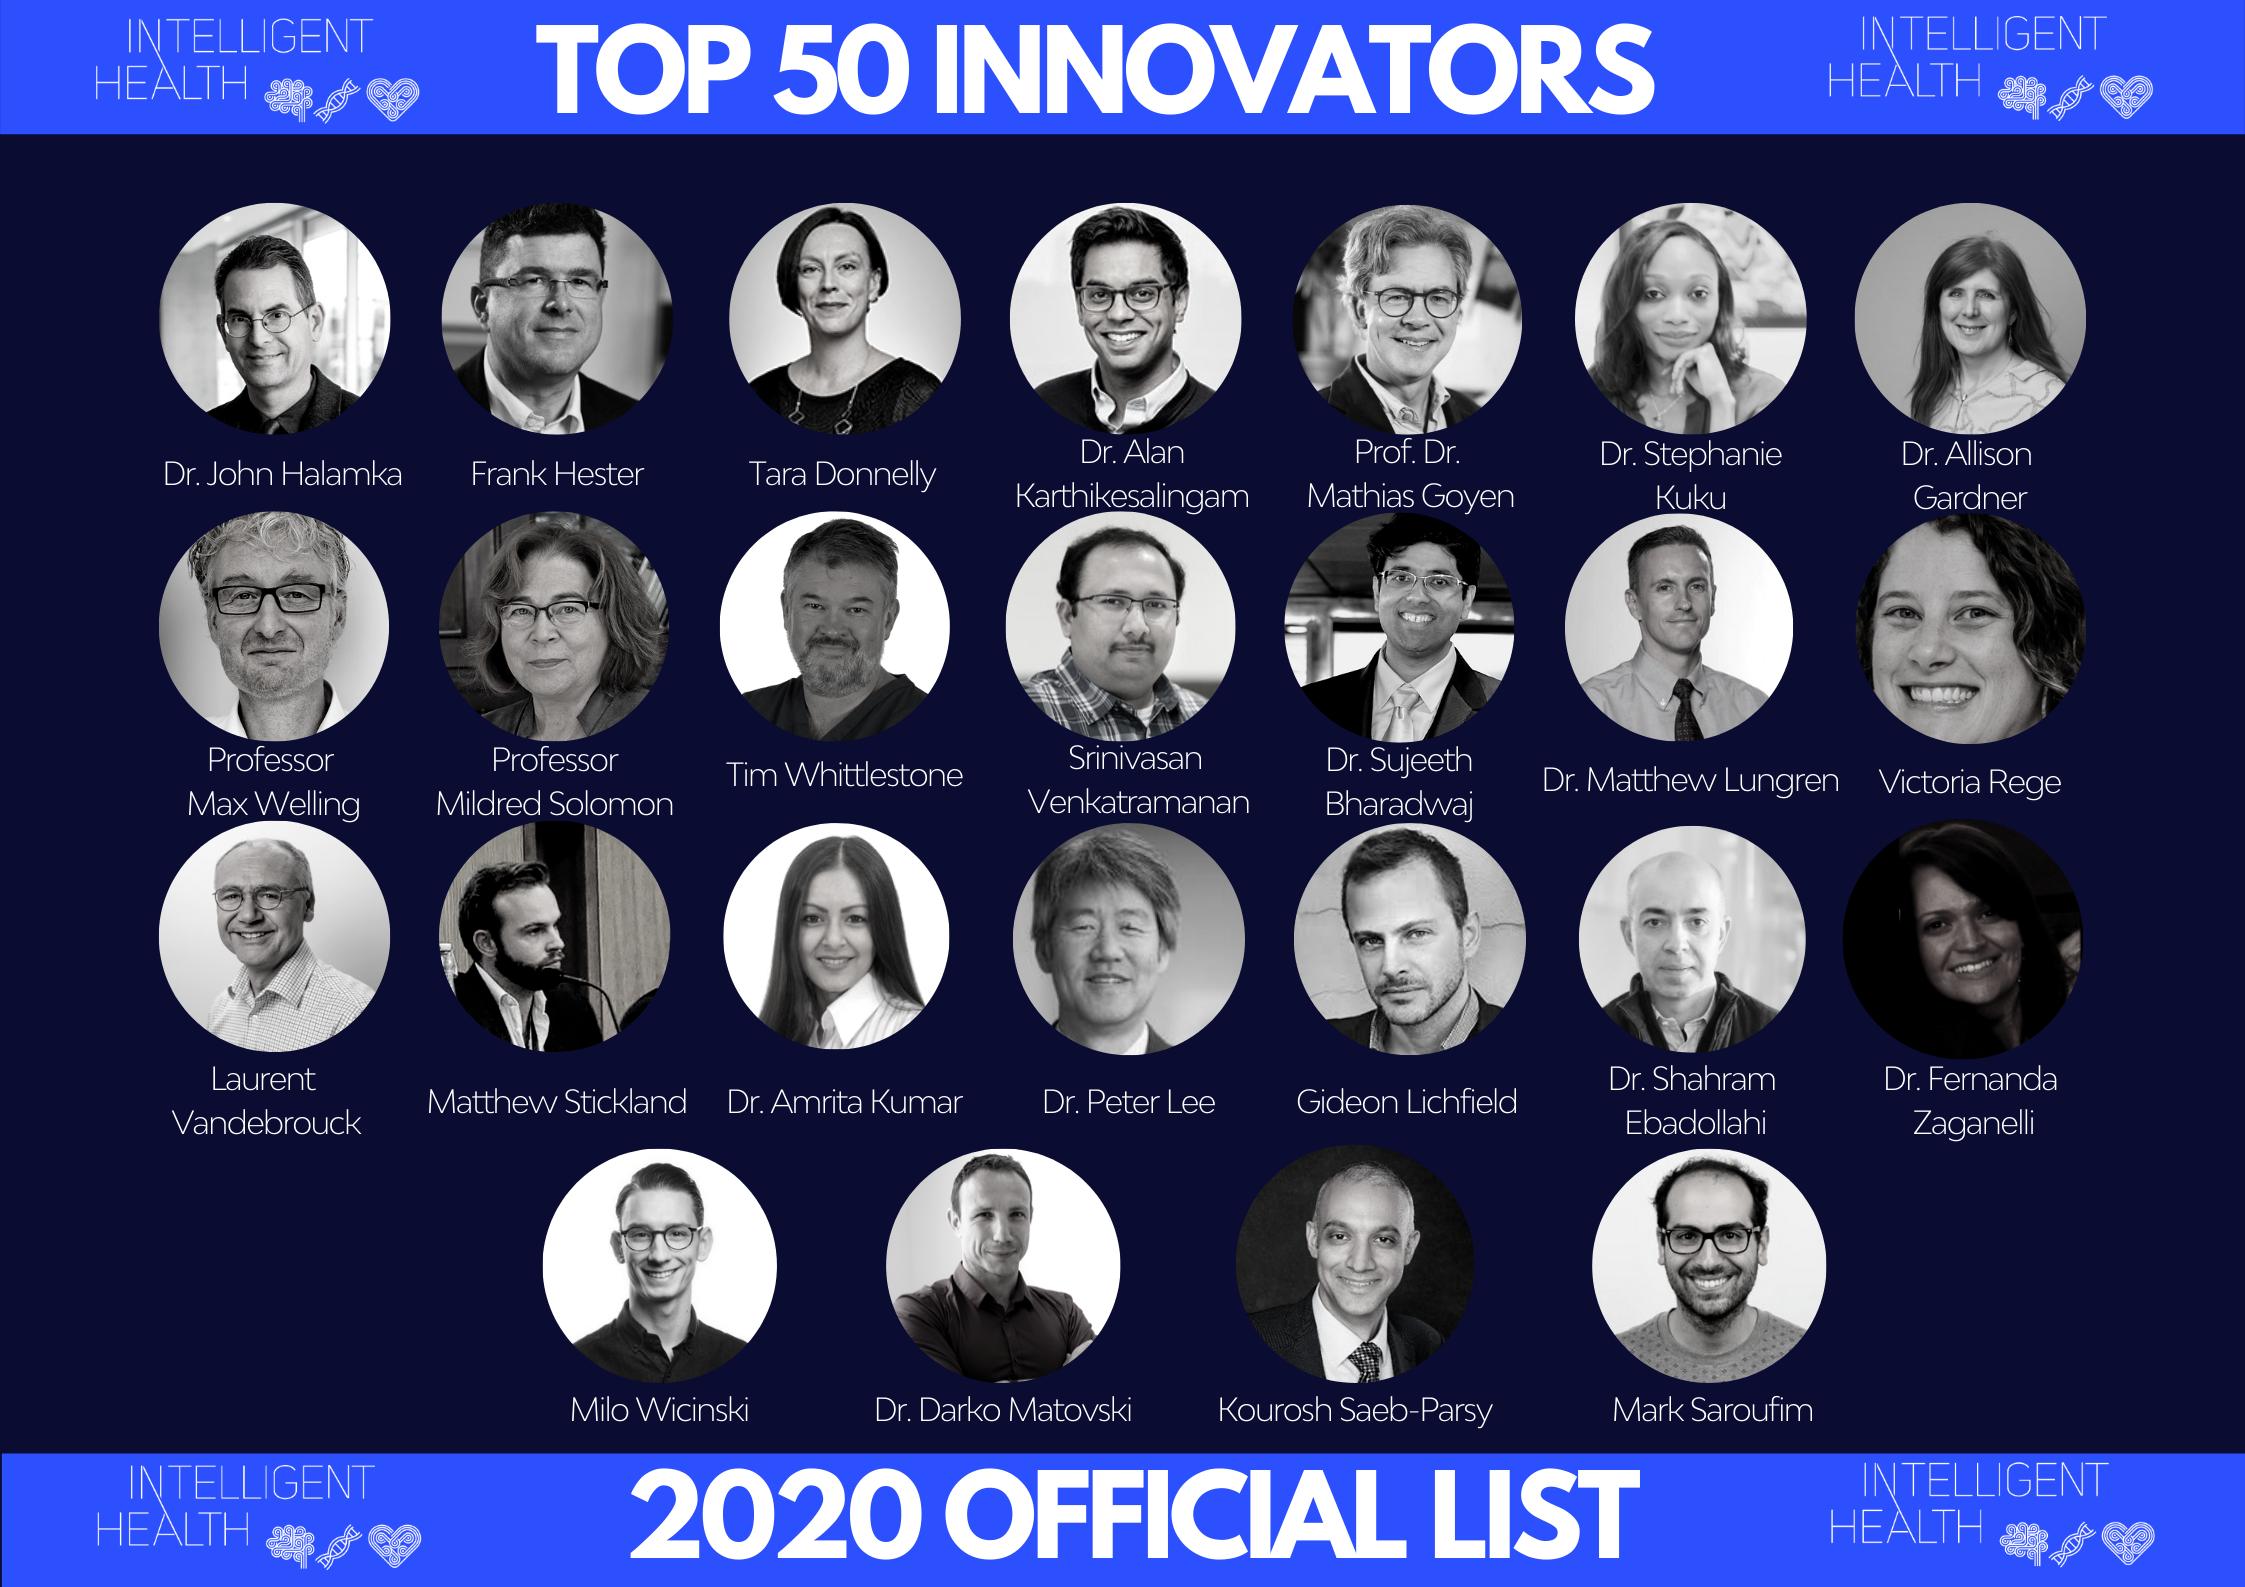 IH Top 50 Innovators - Part II